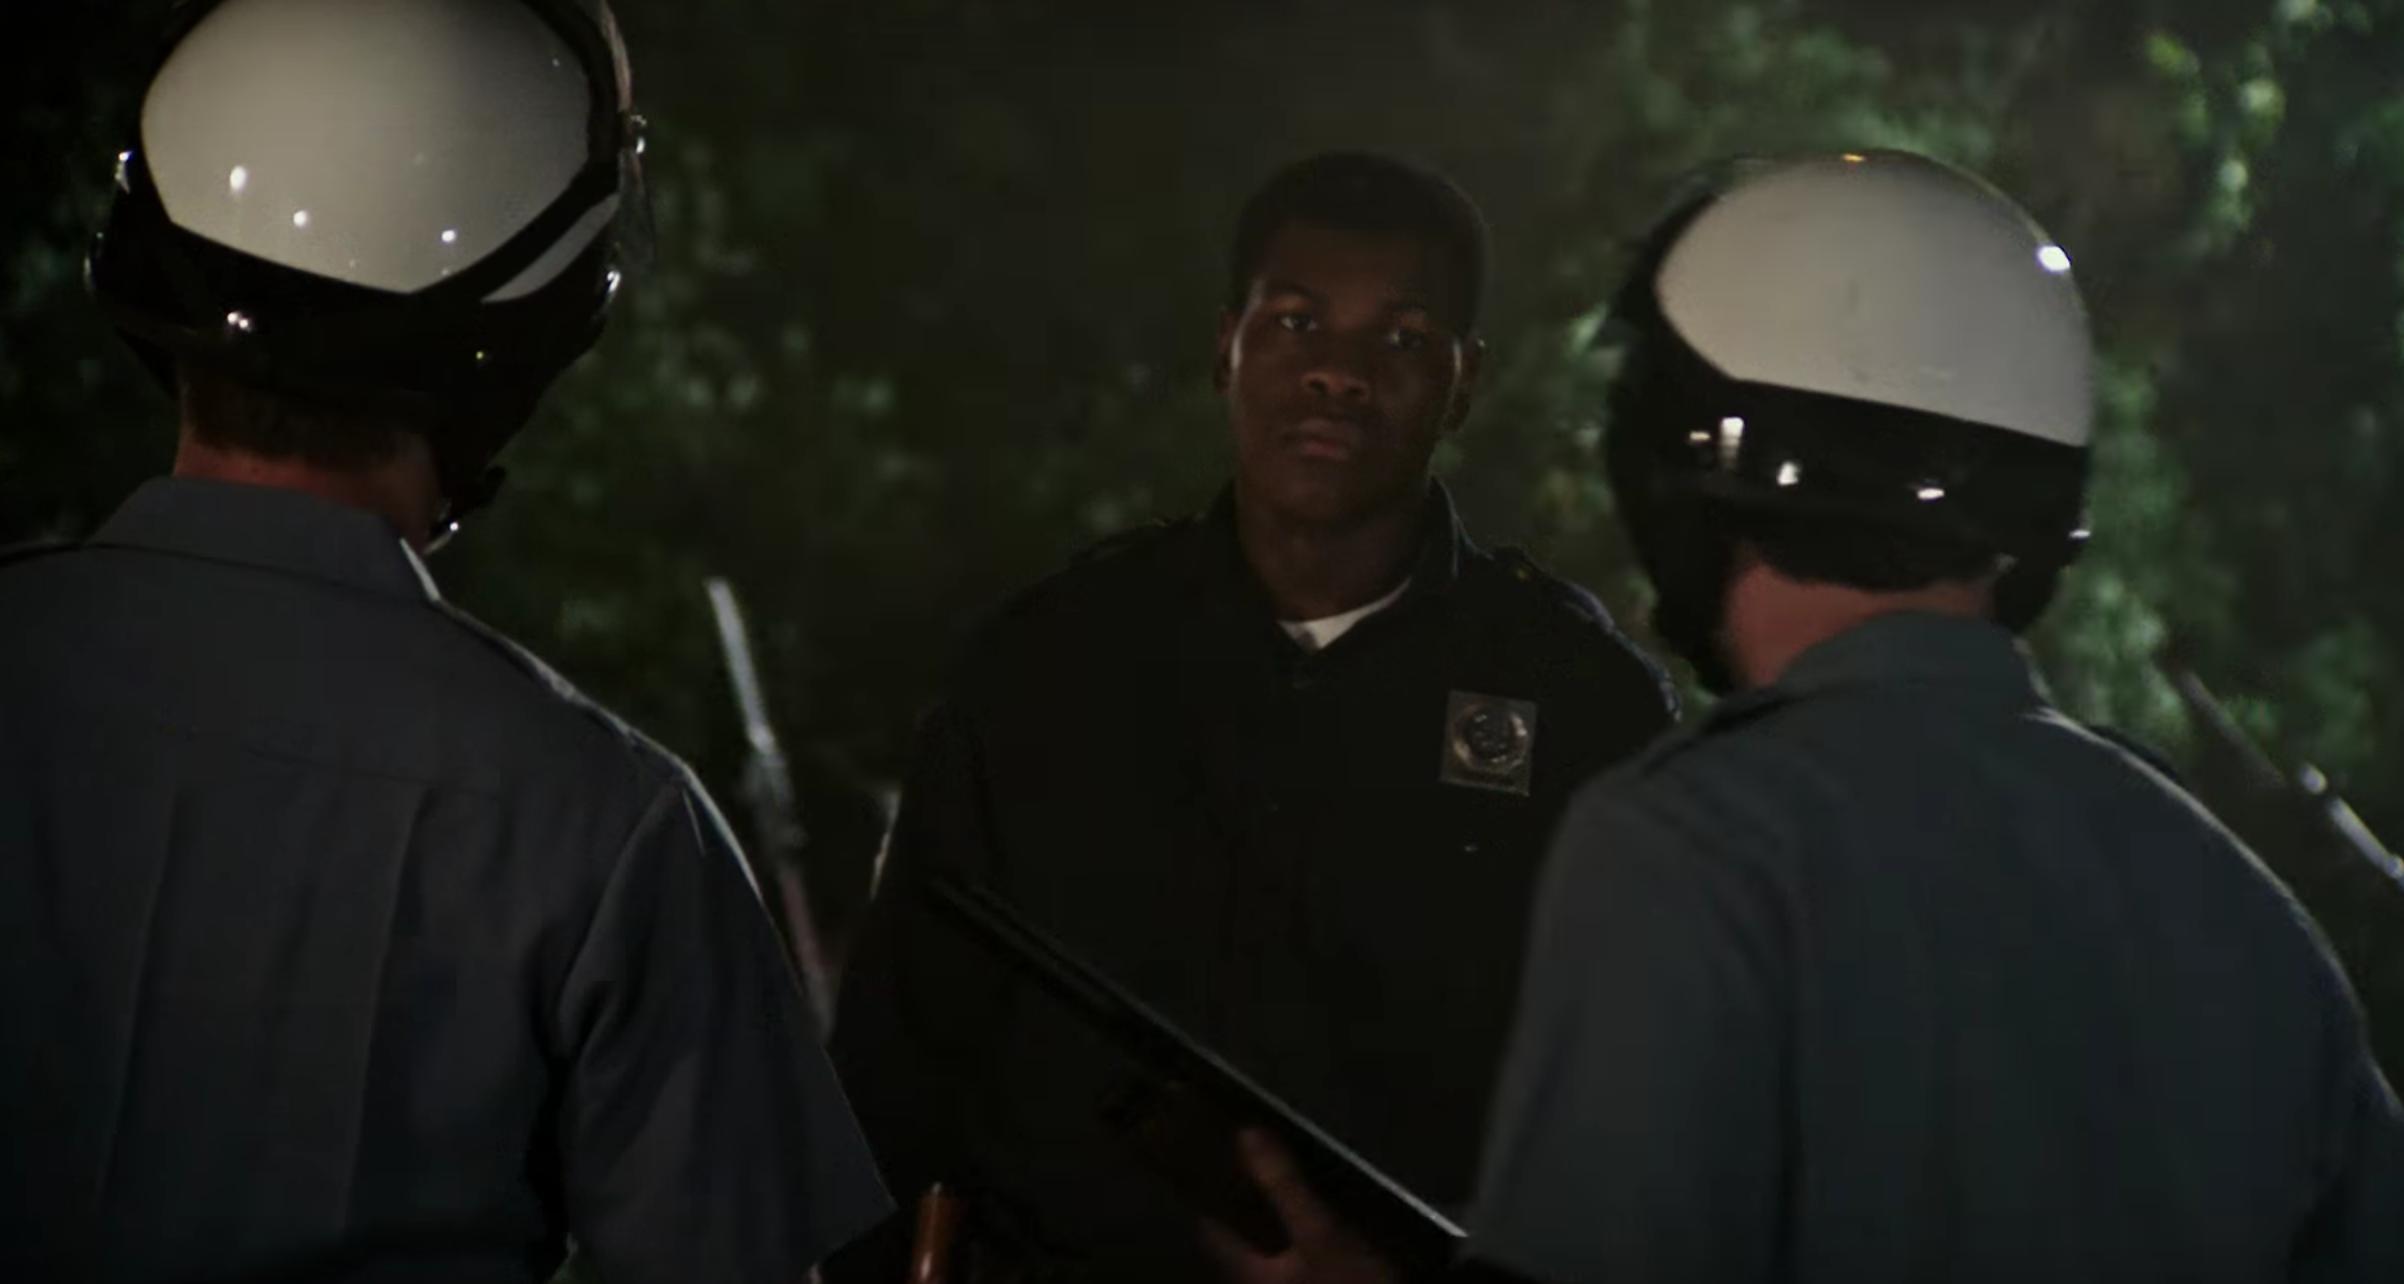 The trailer for 'Detroit' promises tense historical drama